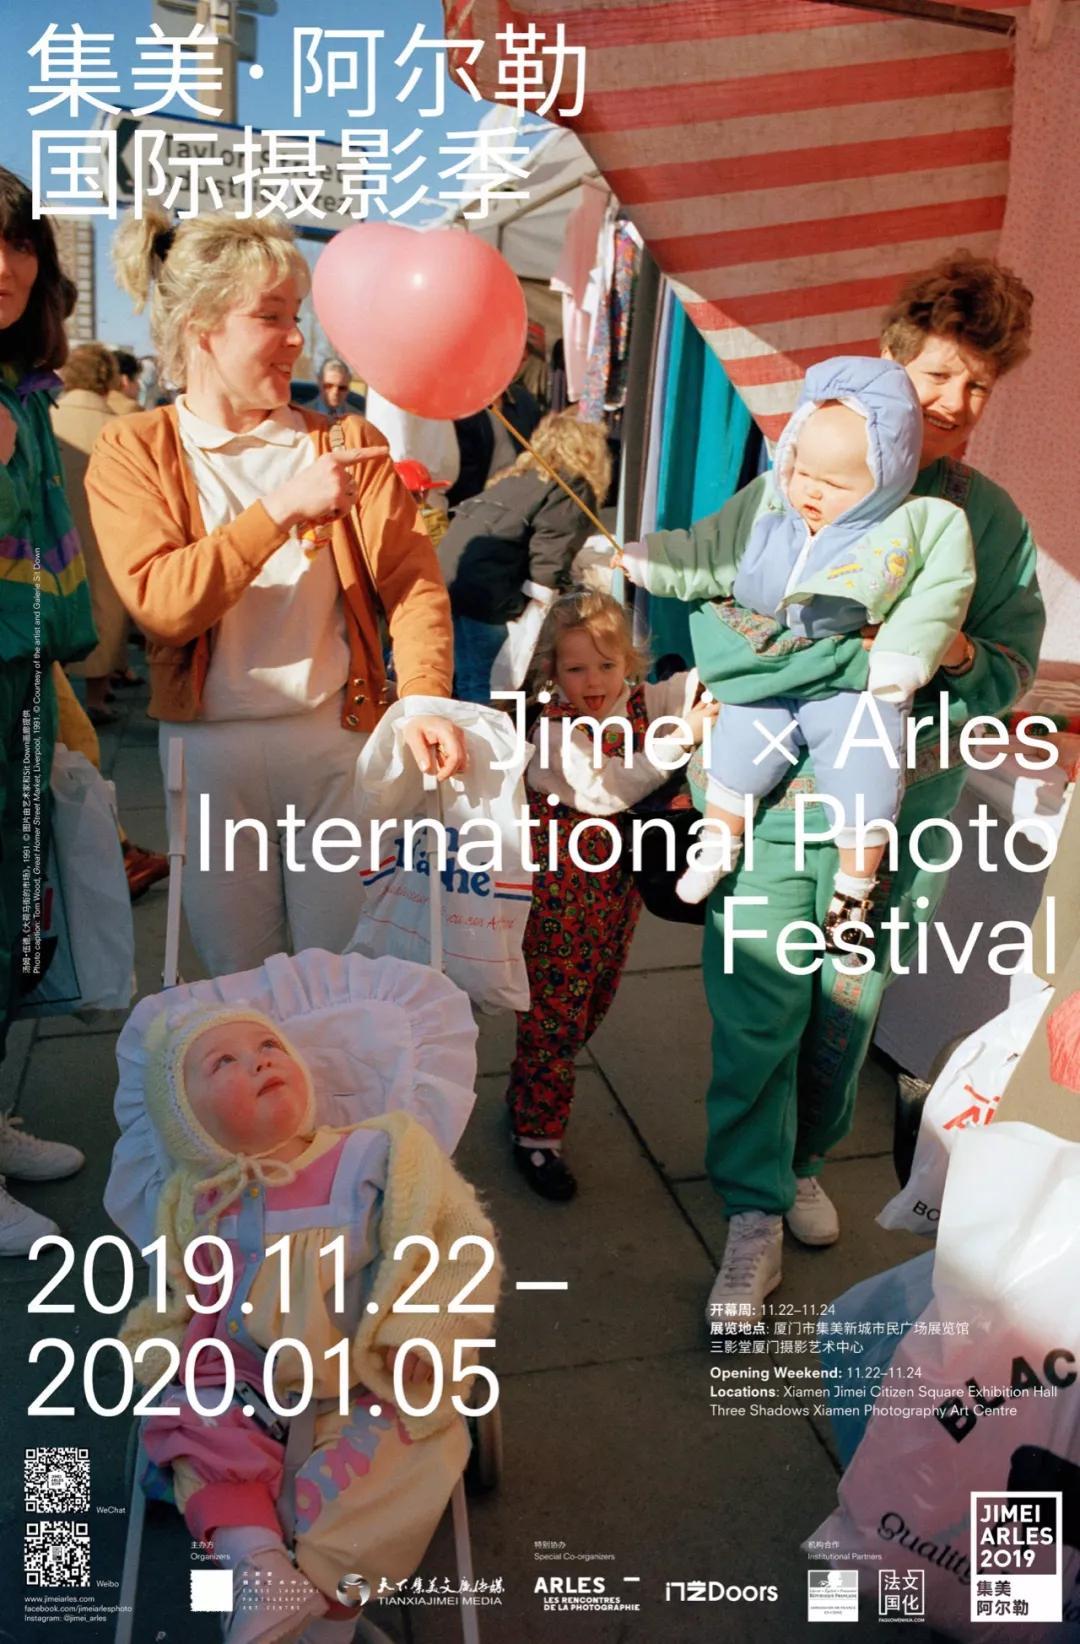 2019集美·阿尔勒国际摄影季新闻发布会在京召开